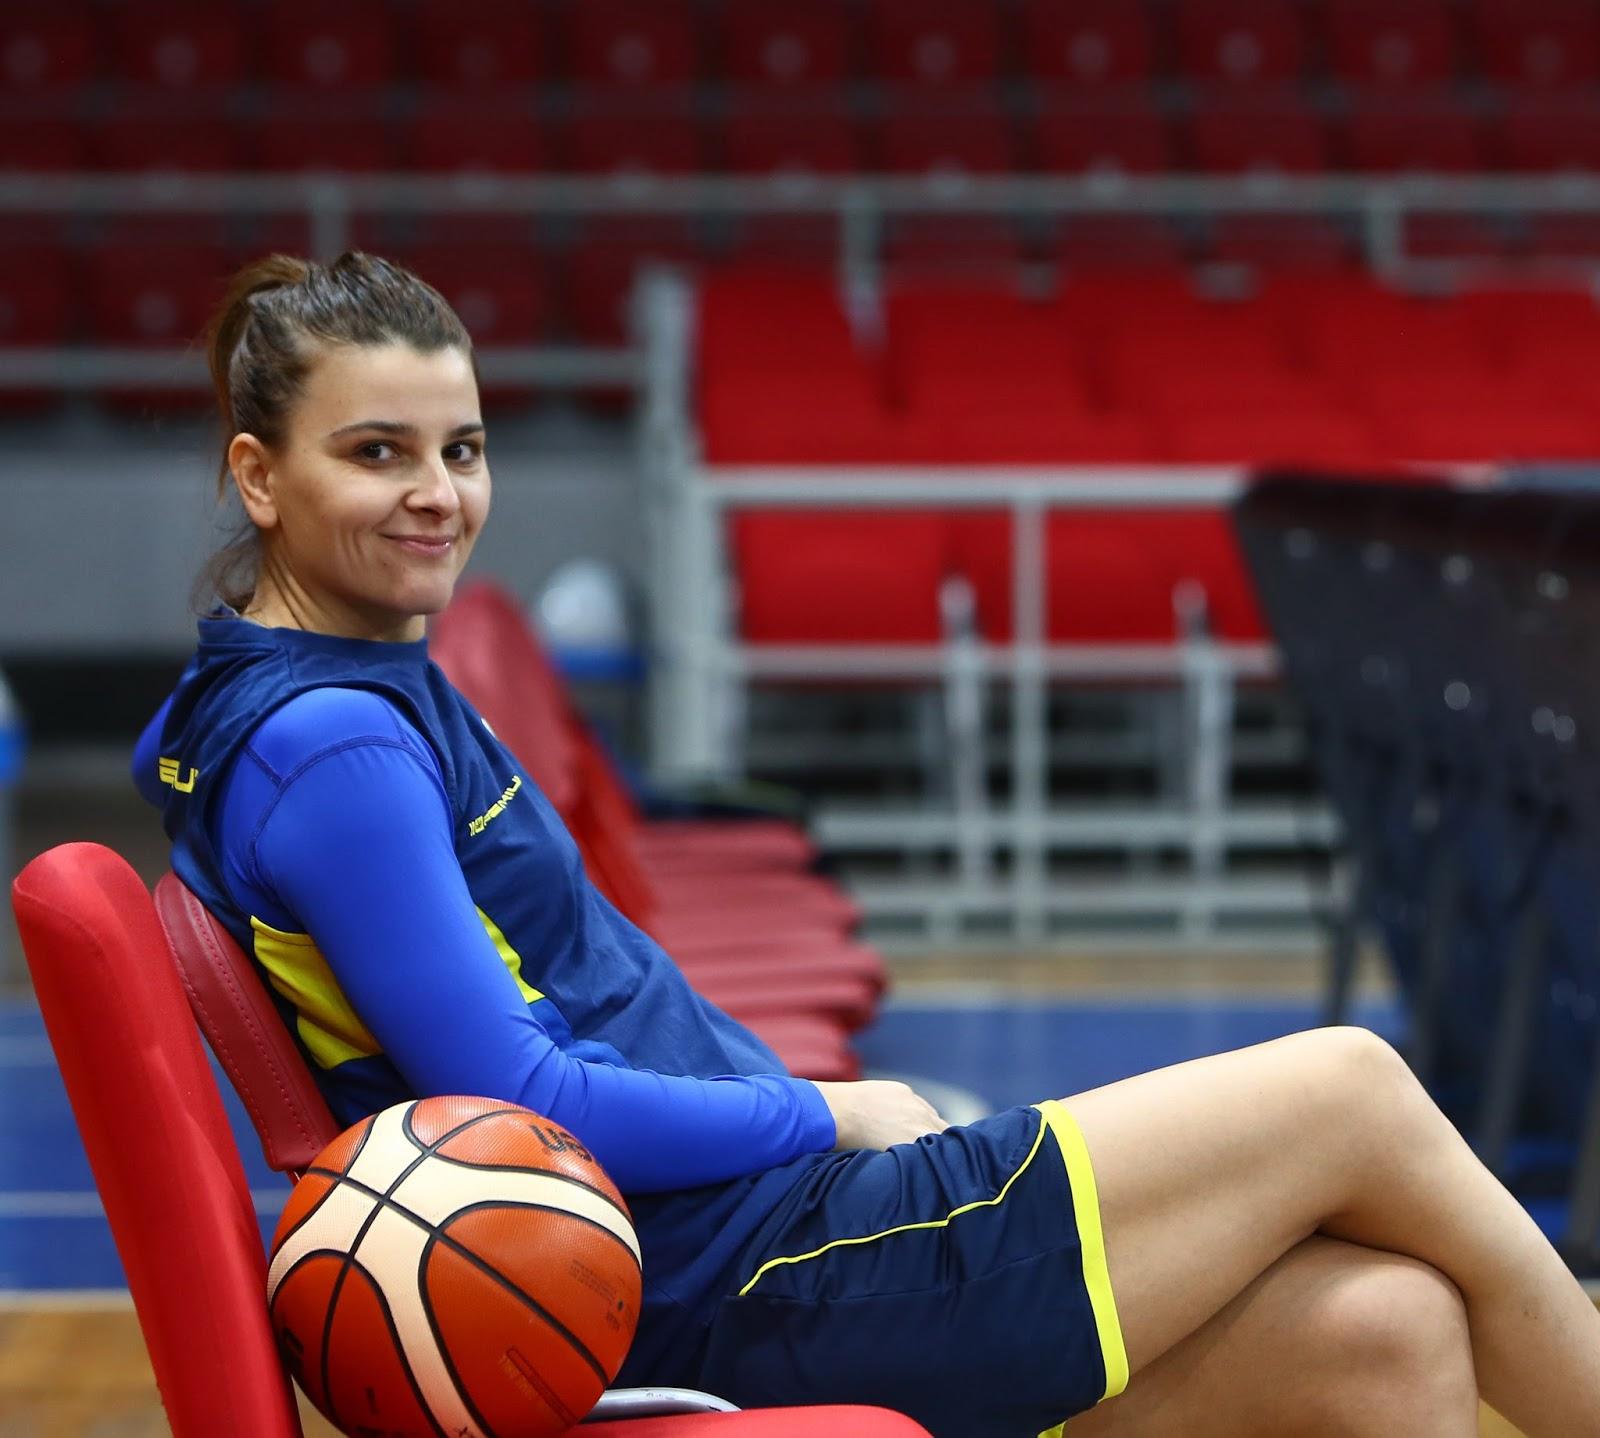 Hamilelikte Basketbol Oynayabilir miyim